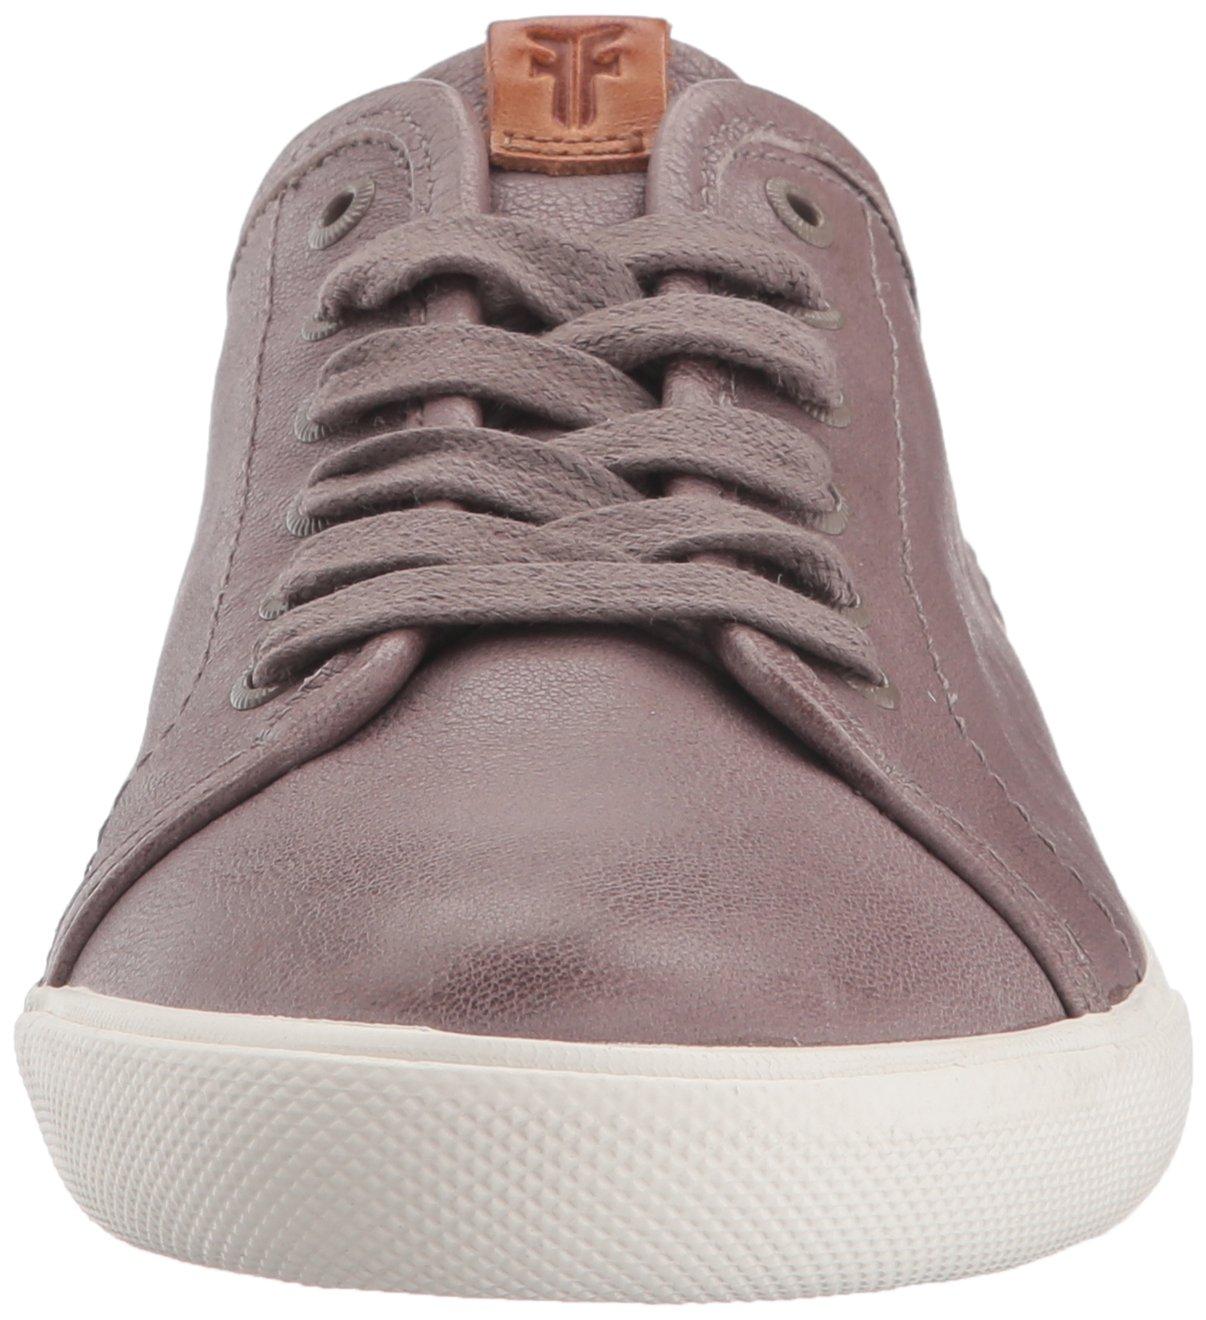 FRYE Women's Maya Low Lace Sneaker, Cement, 6.5 M US by FRYE (Image #4)